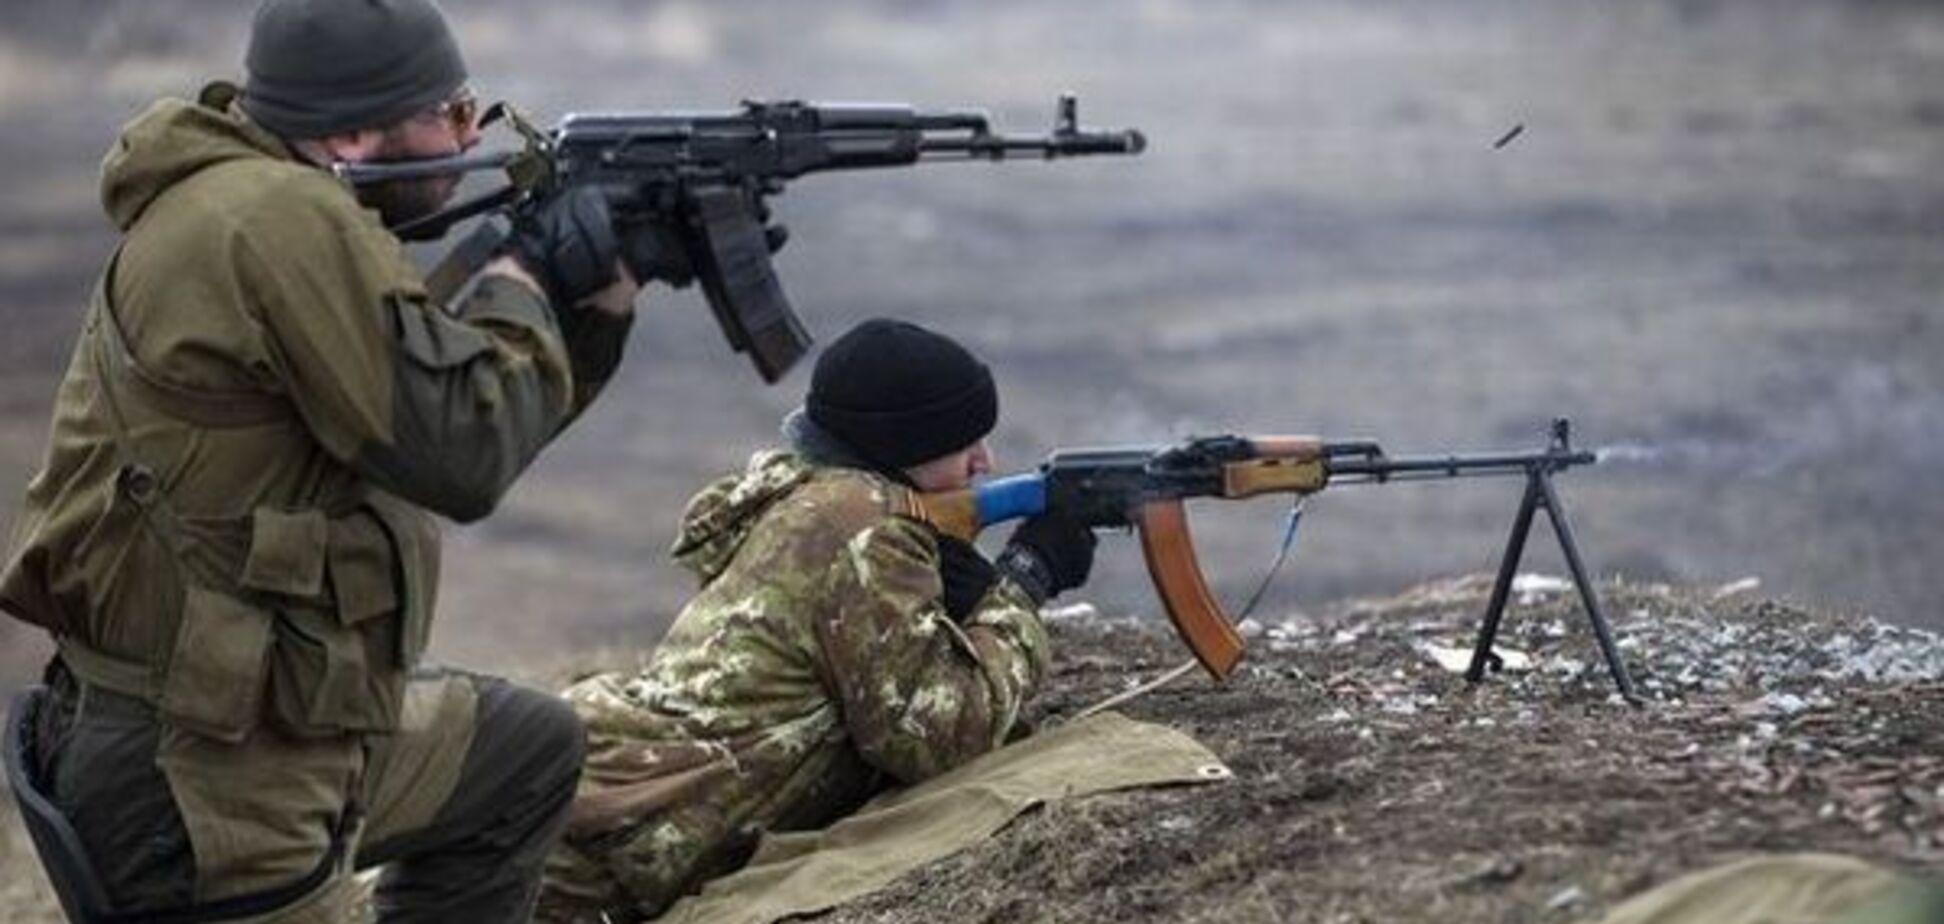 Груз-200: офицер ВСУ сообщил о серьезных потерях террористов на Донбассе